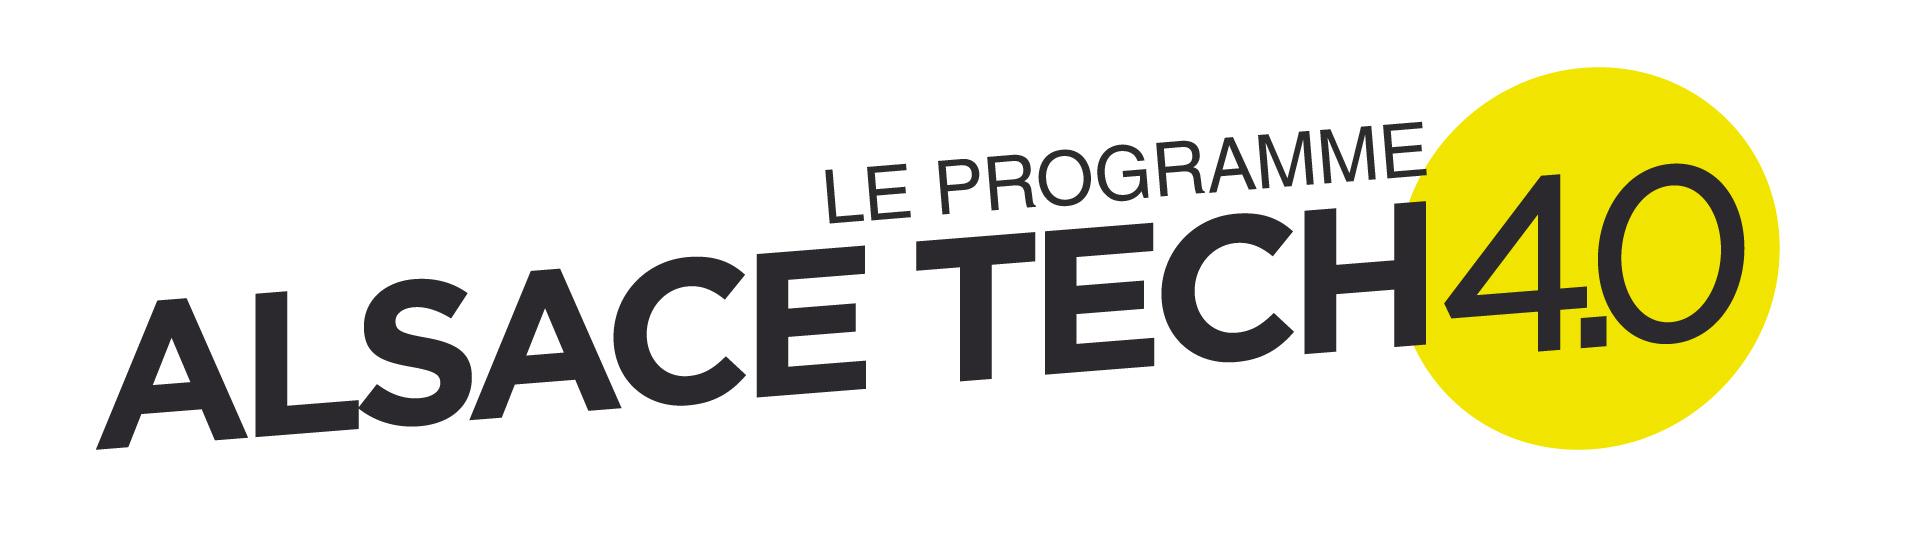 Alsace-Tech-4.0.jpg